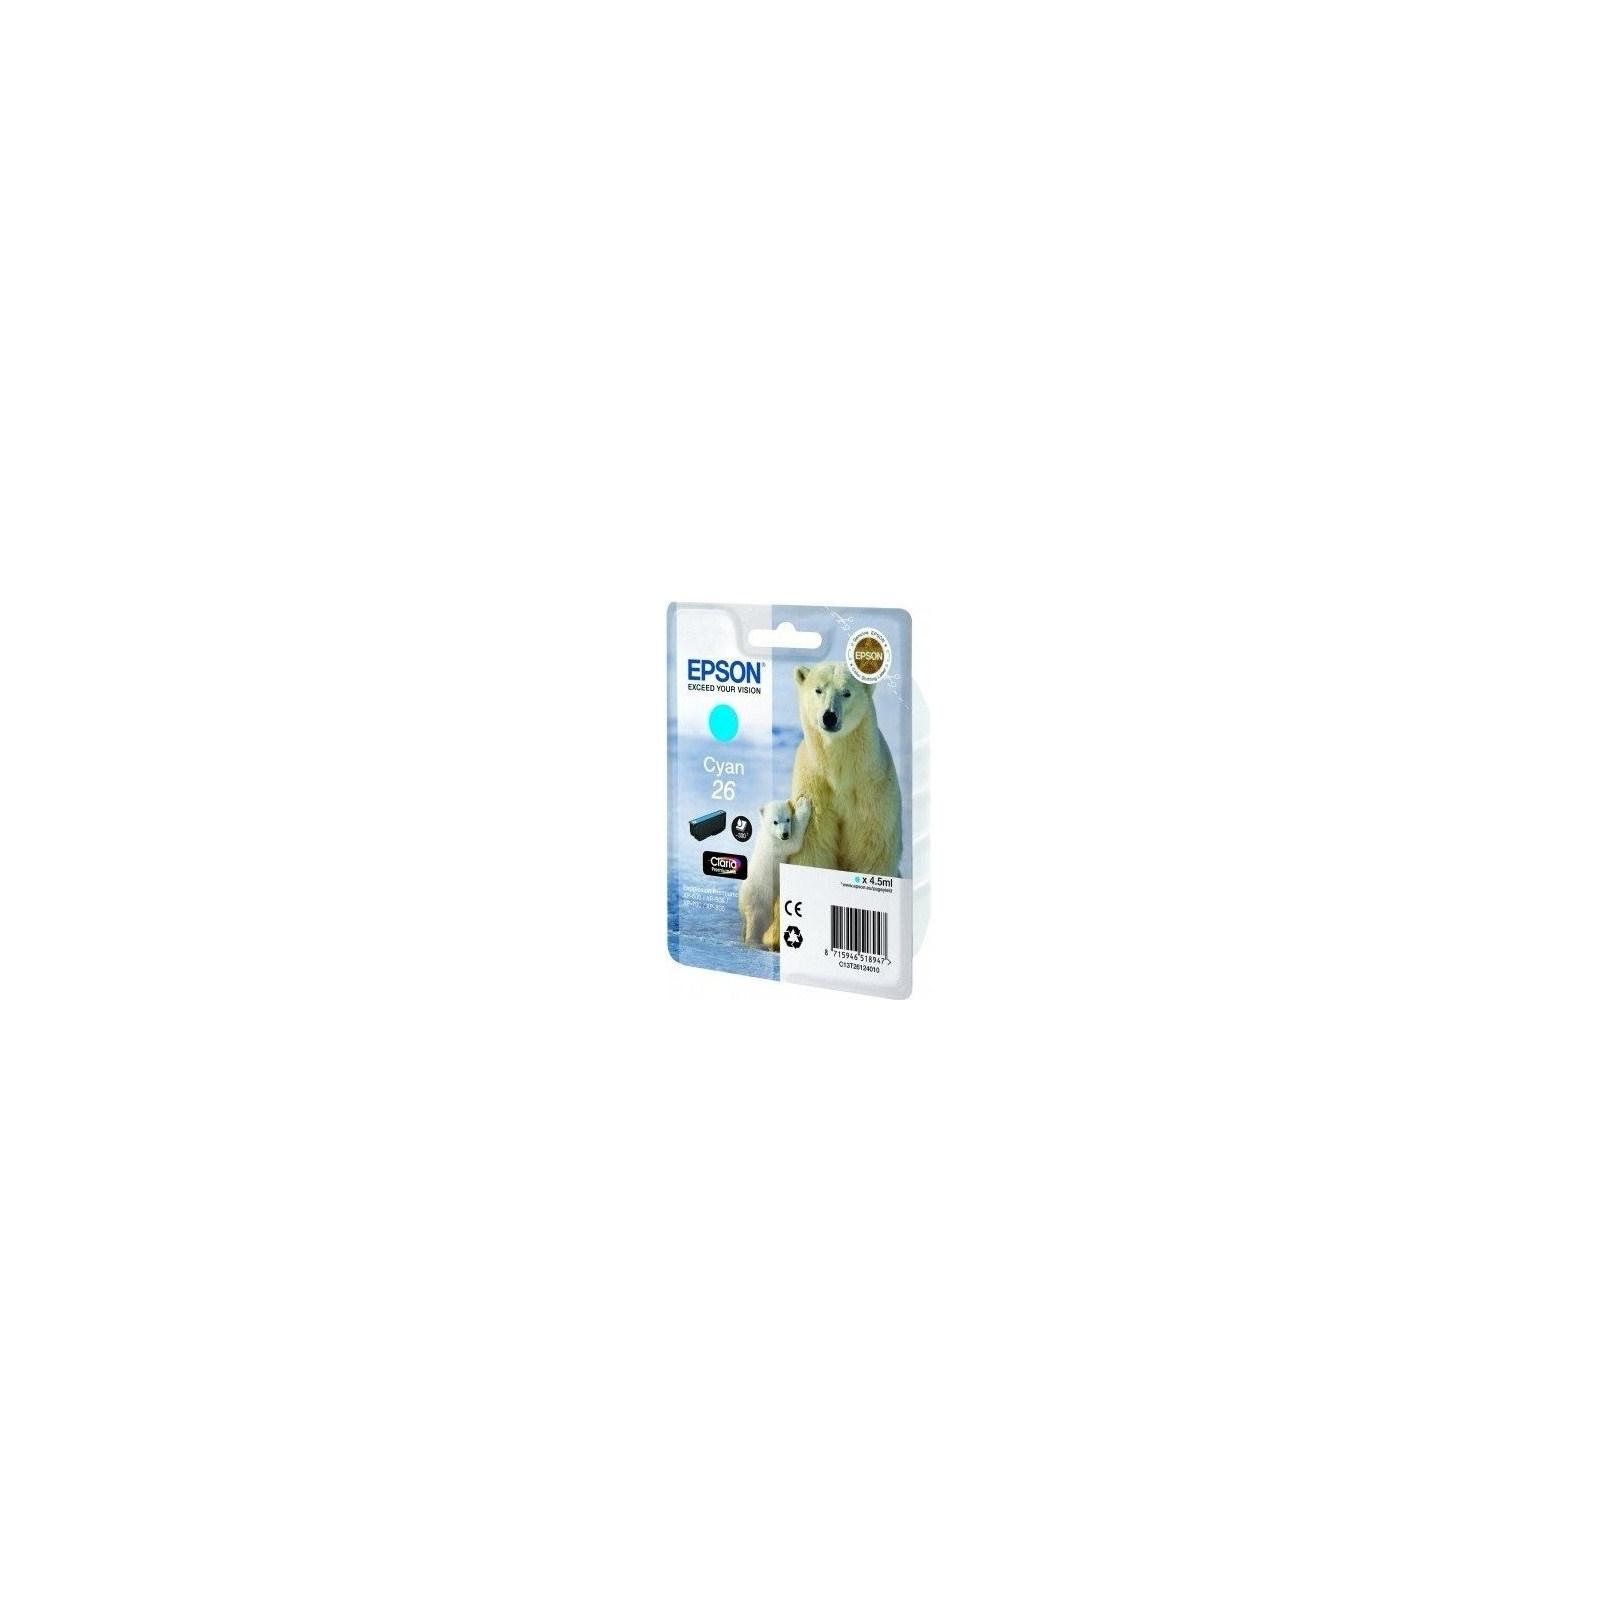 Картридж EPSON 26 XP600/605/700 cyan (C13T26124010)